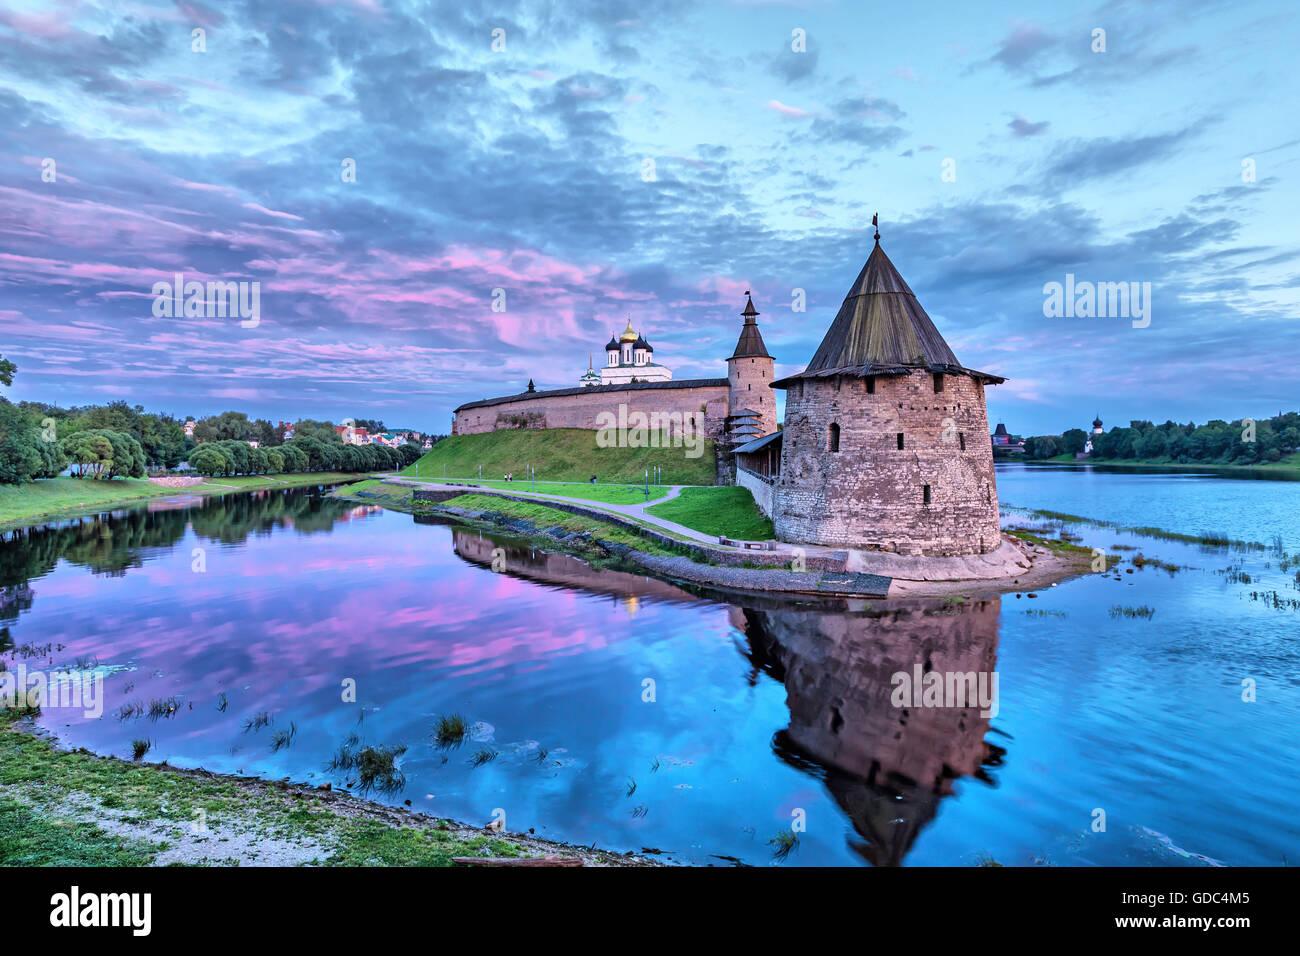 Púrpura el cielo nocturno a través de Pskov Kremlin y Ploskaya torre enfrente de la vista (HDR-efecto) Imagen De Stock